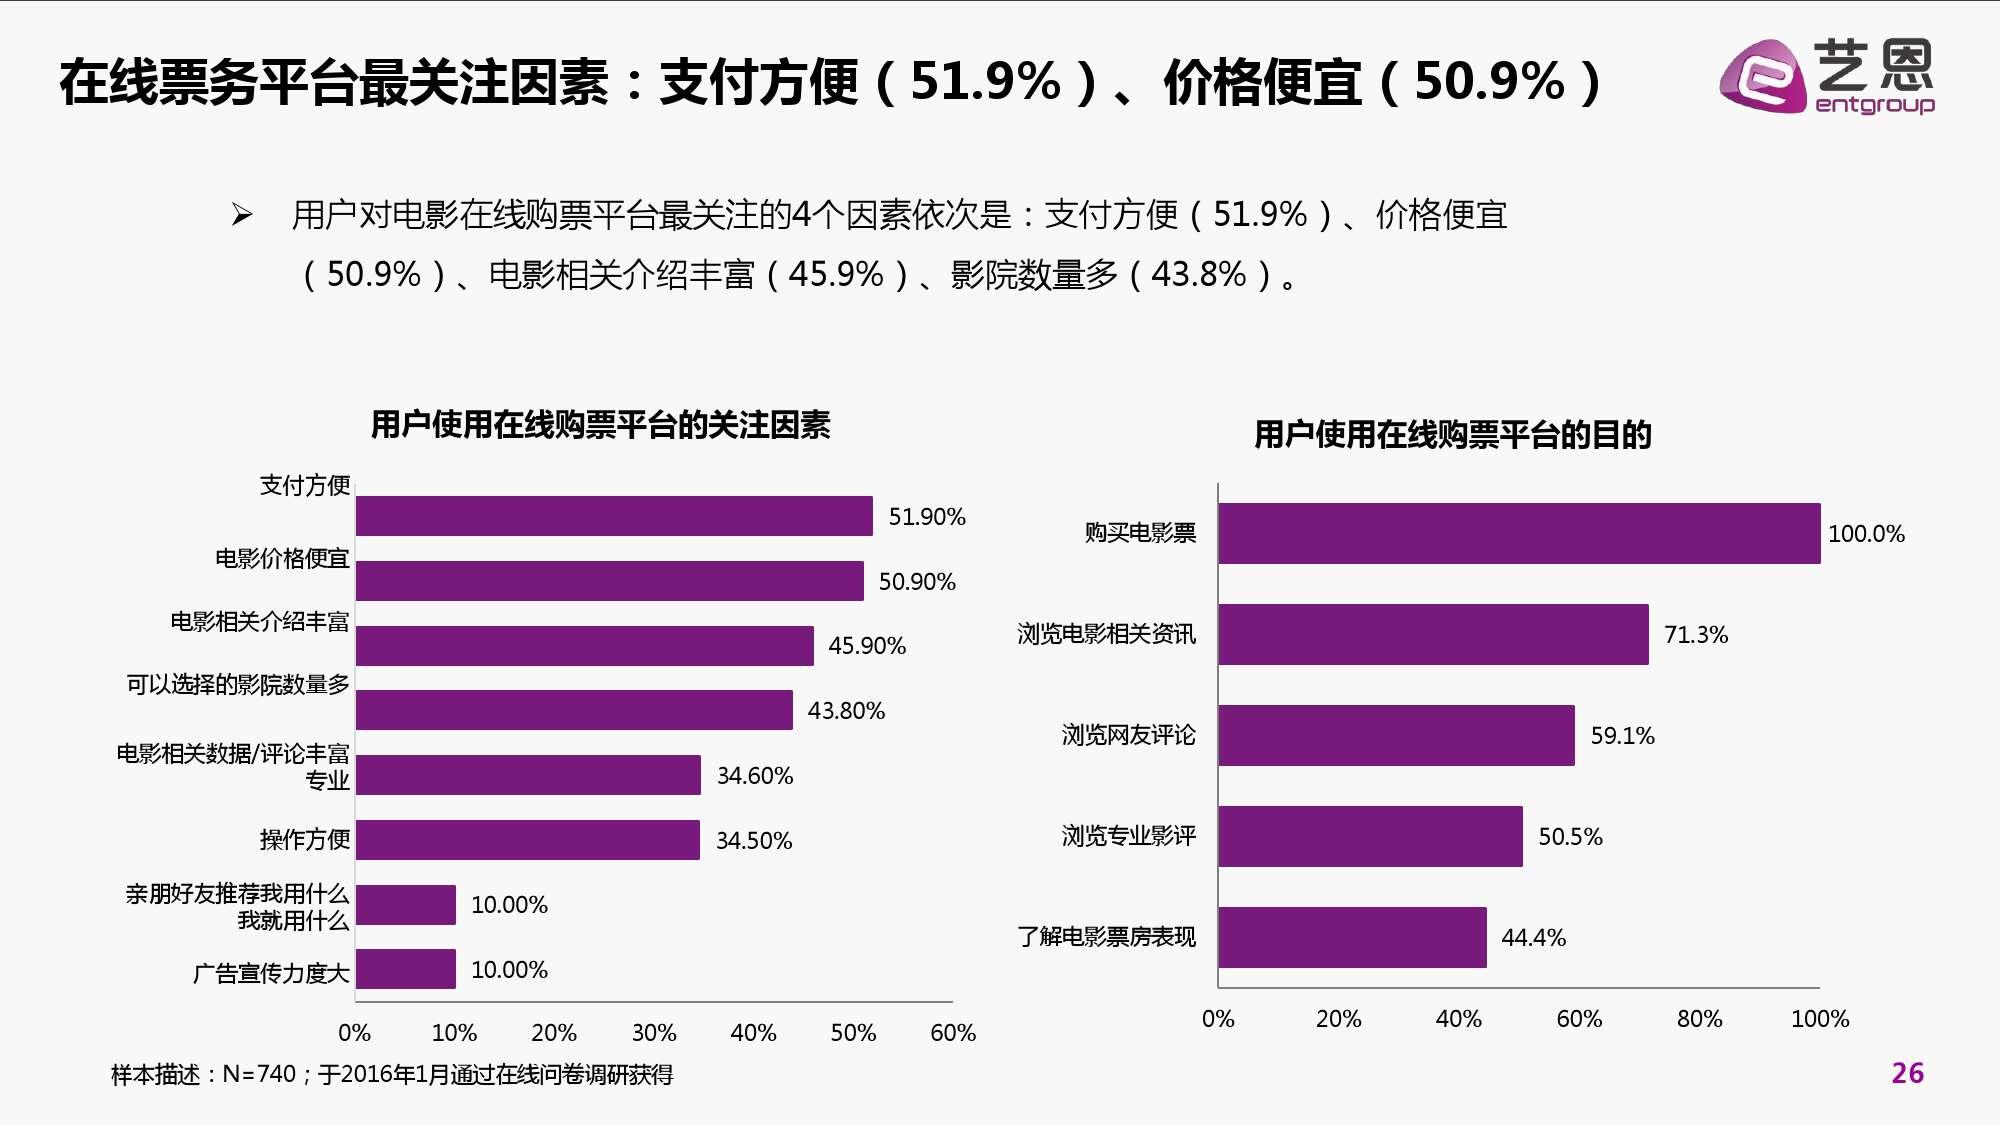 2016年中国电影在线票务市场研究报告_000026